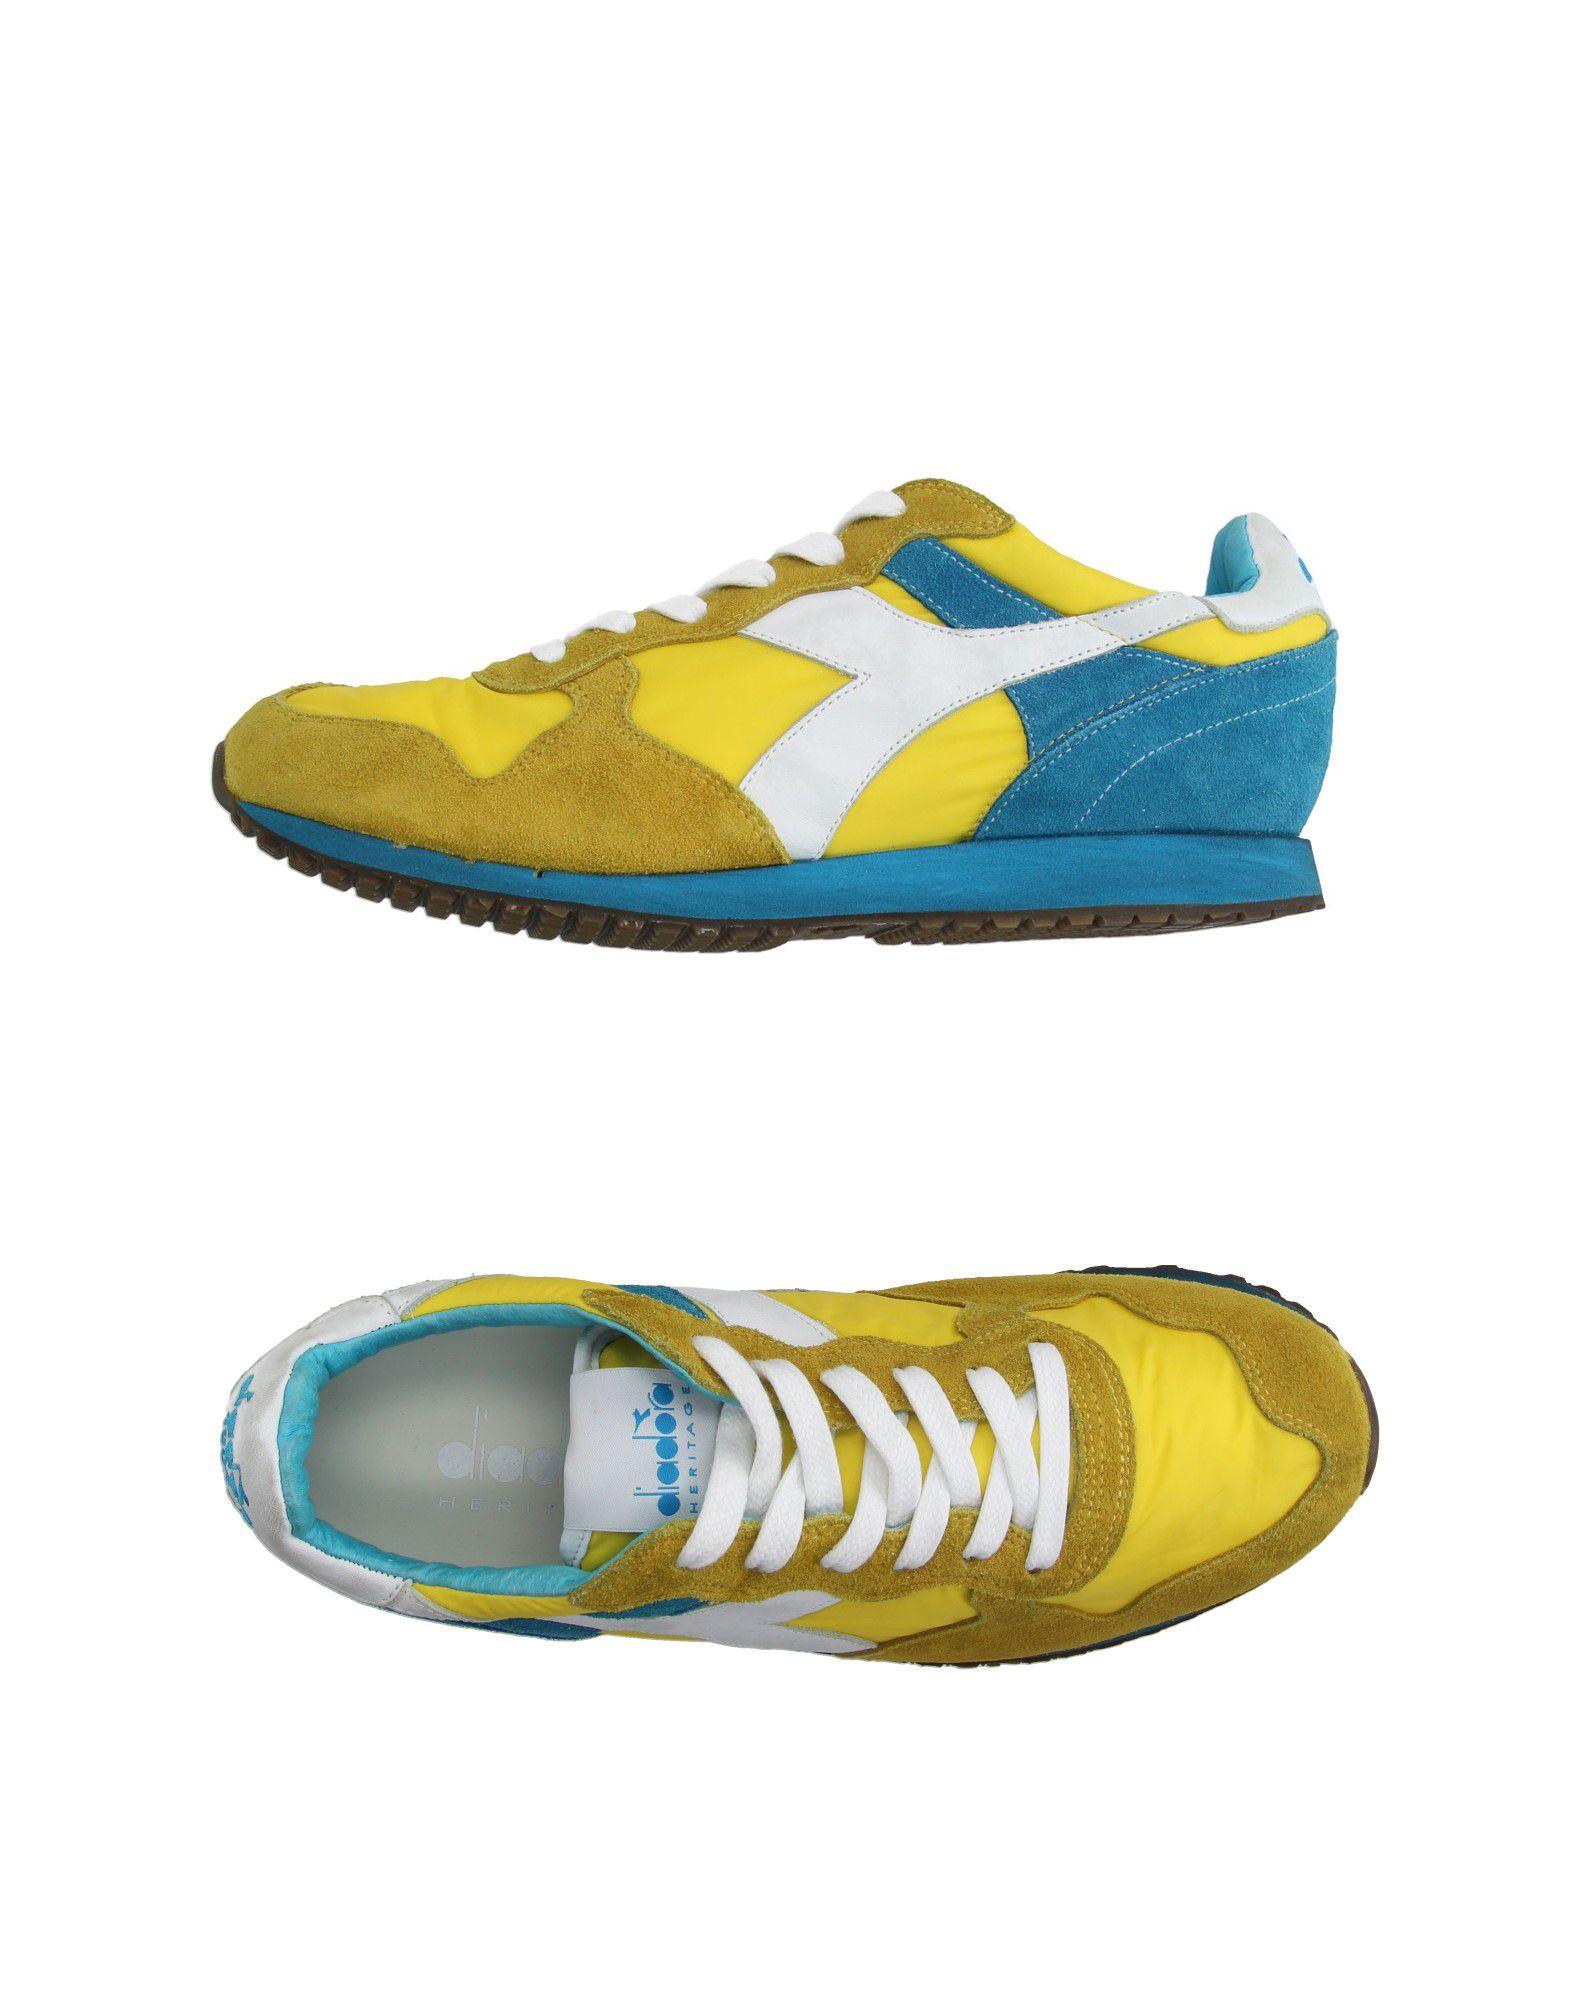 Diadora Heritage Herren Sneakers Herren Heritage  44994403NB 179dc6